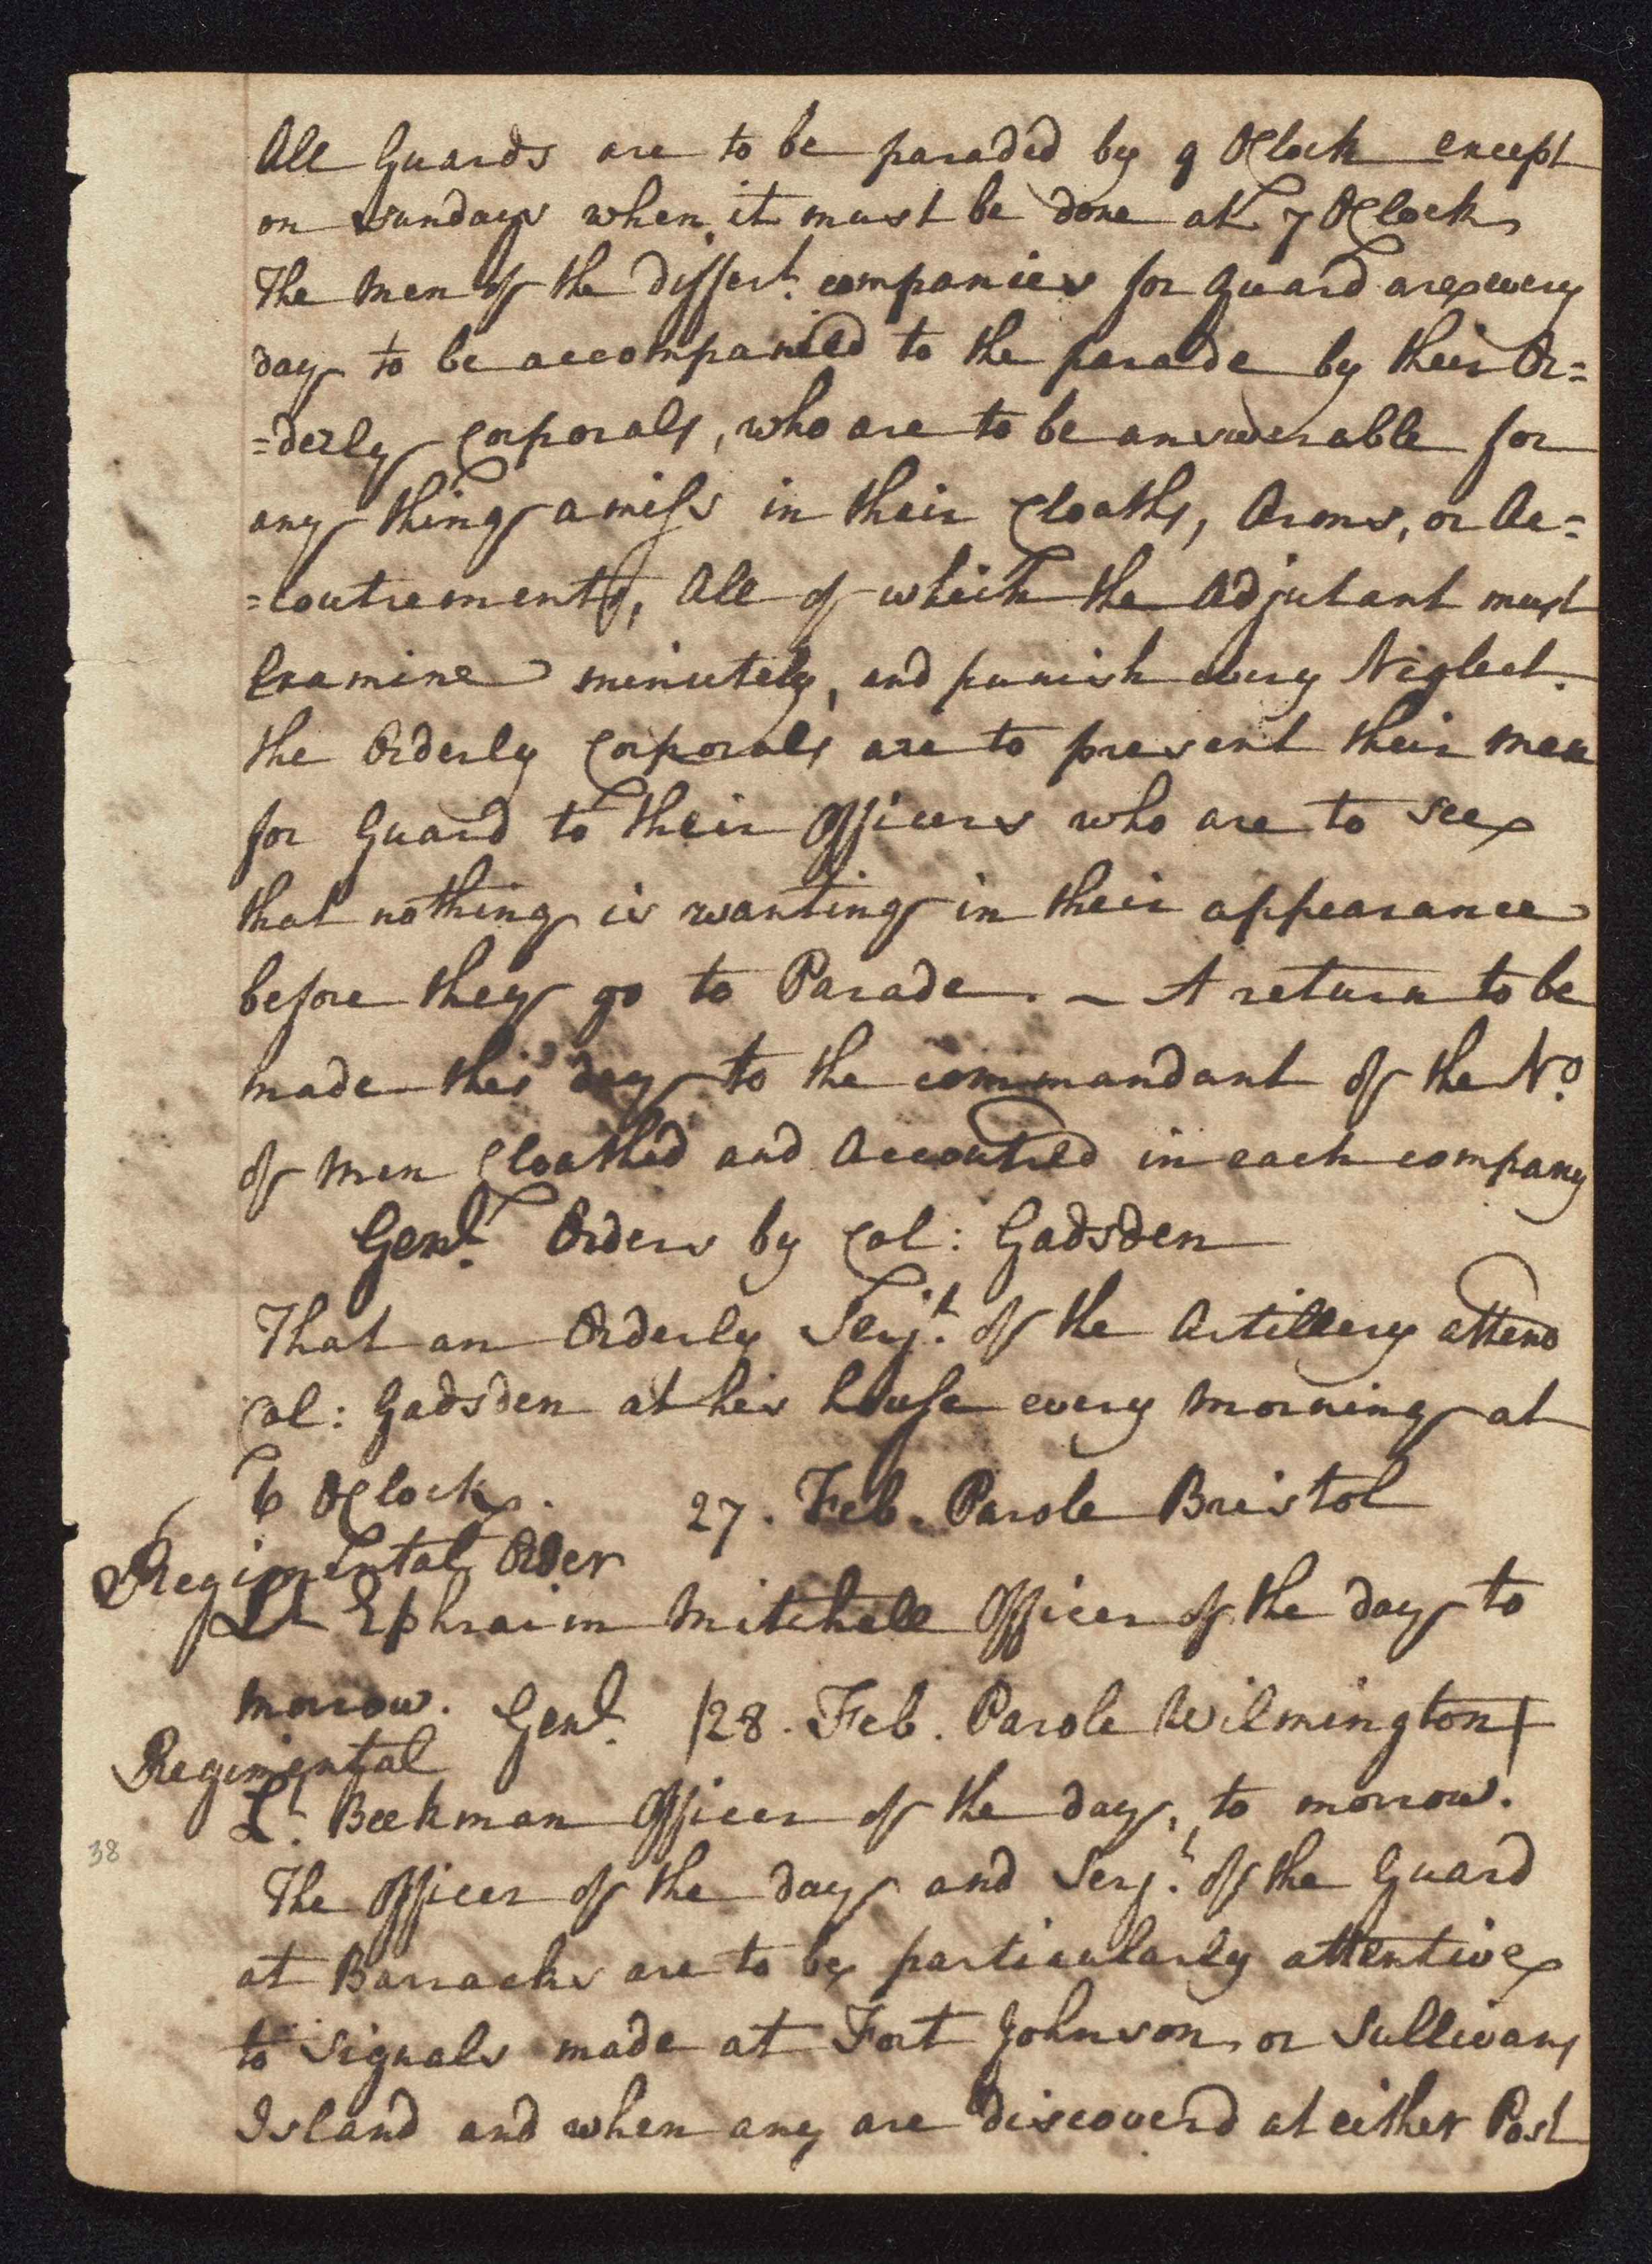 South Carolina Regiment Order Book, Page 75